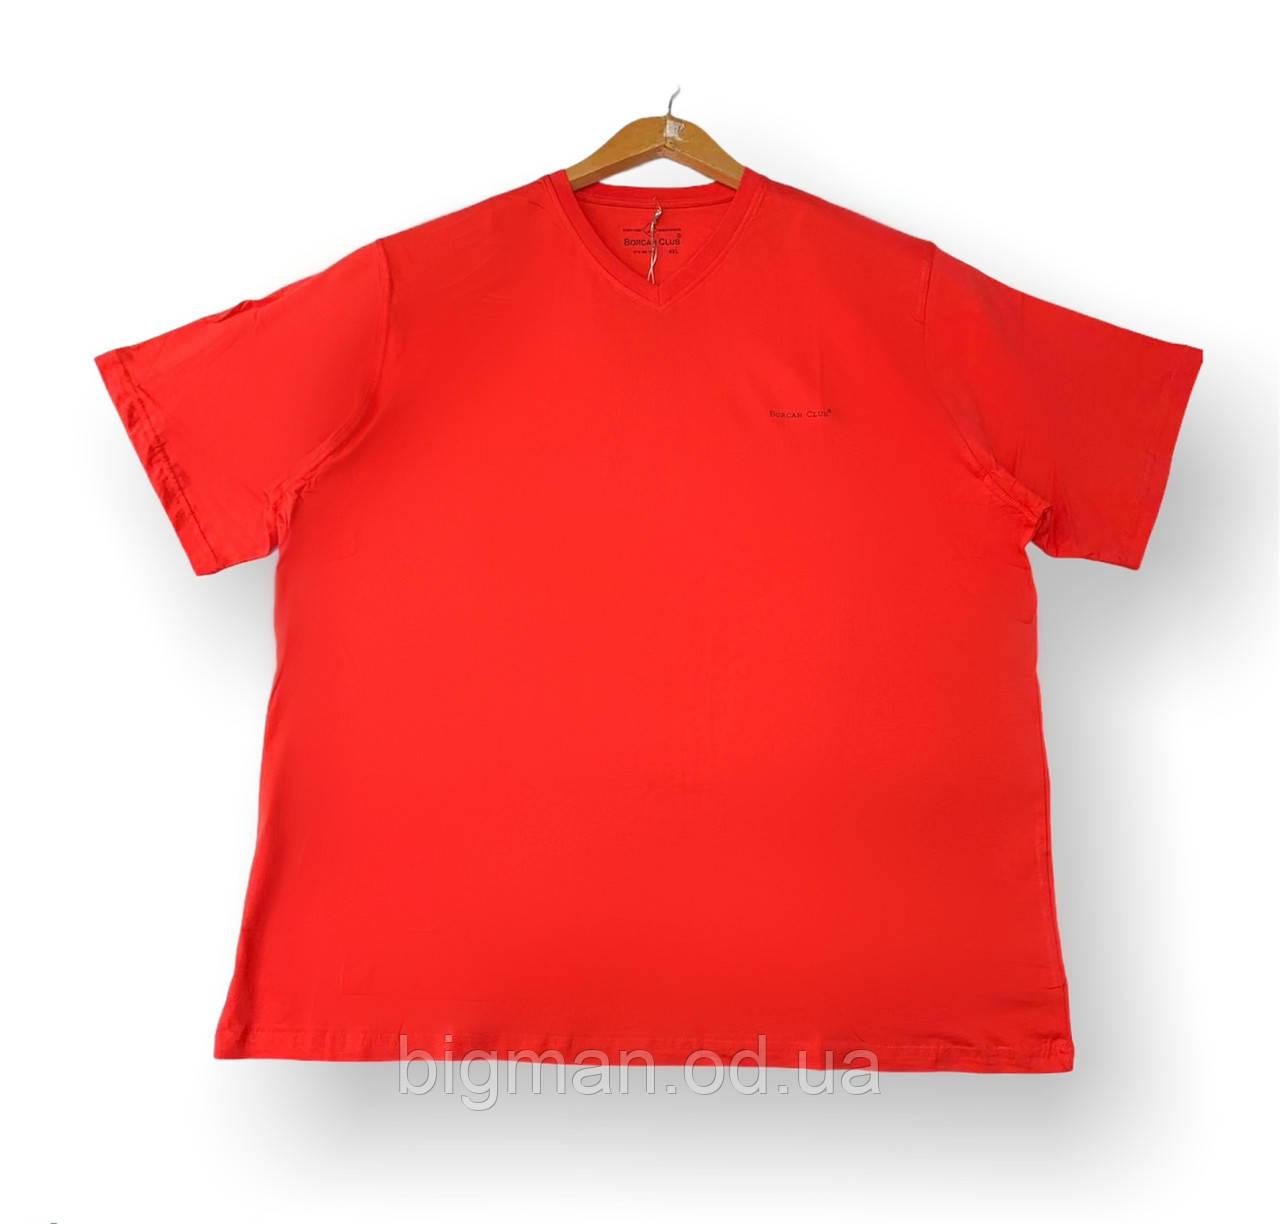 Чоловіча однотонна футболка коралова батал (великі розміри 3XL 4XL 5XL 6XL)Borcan Club виробництво: Туреччина